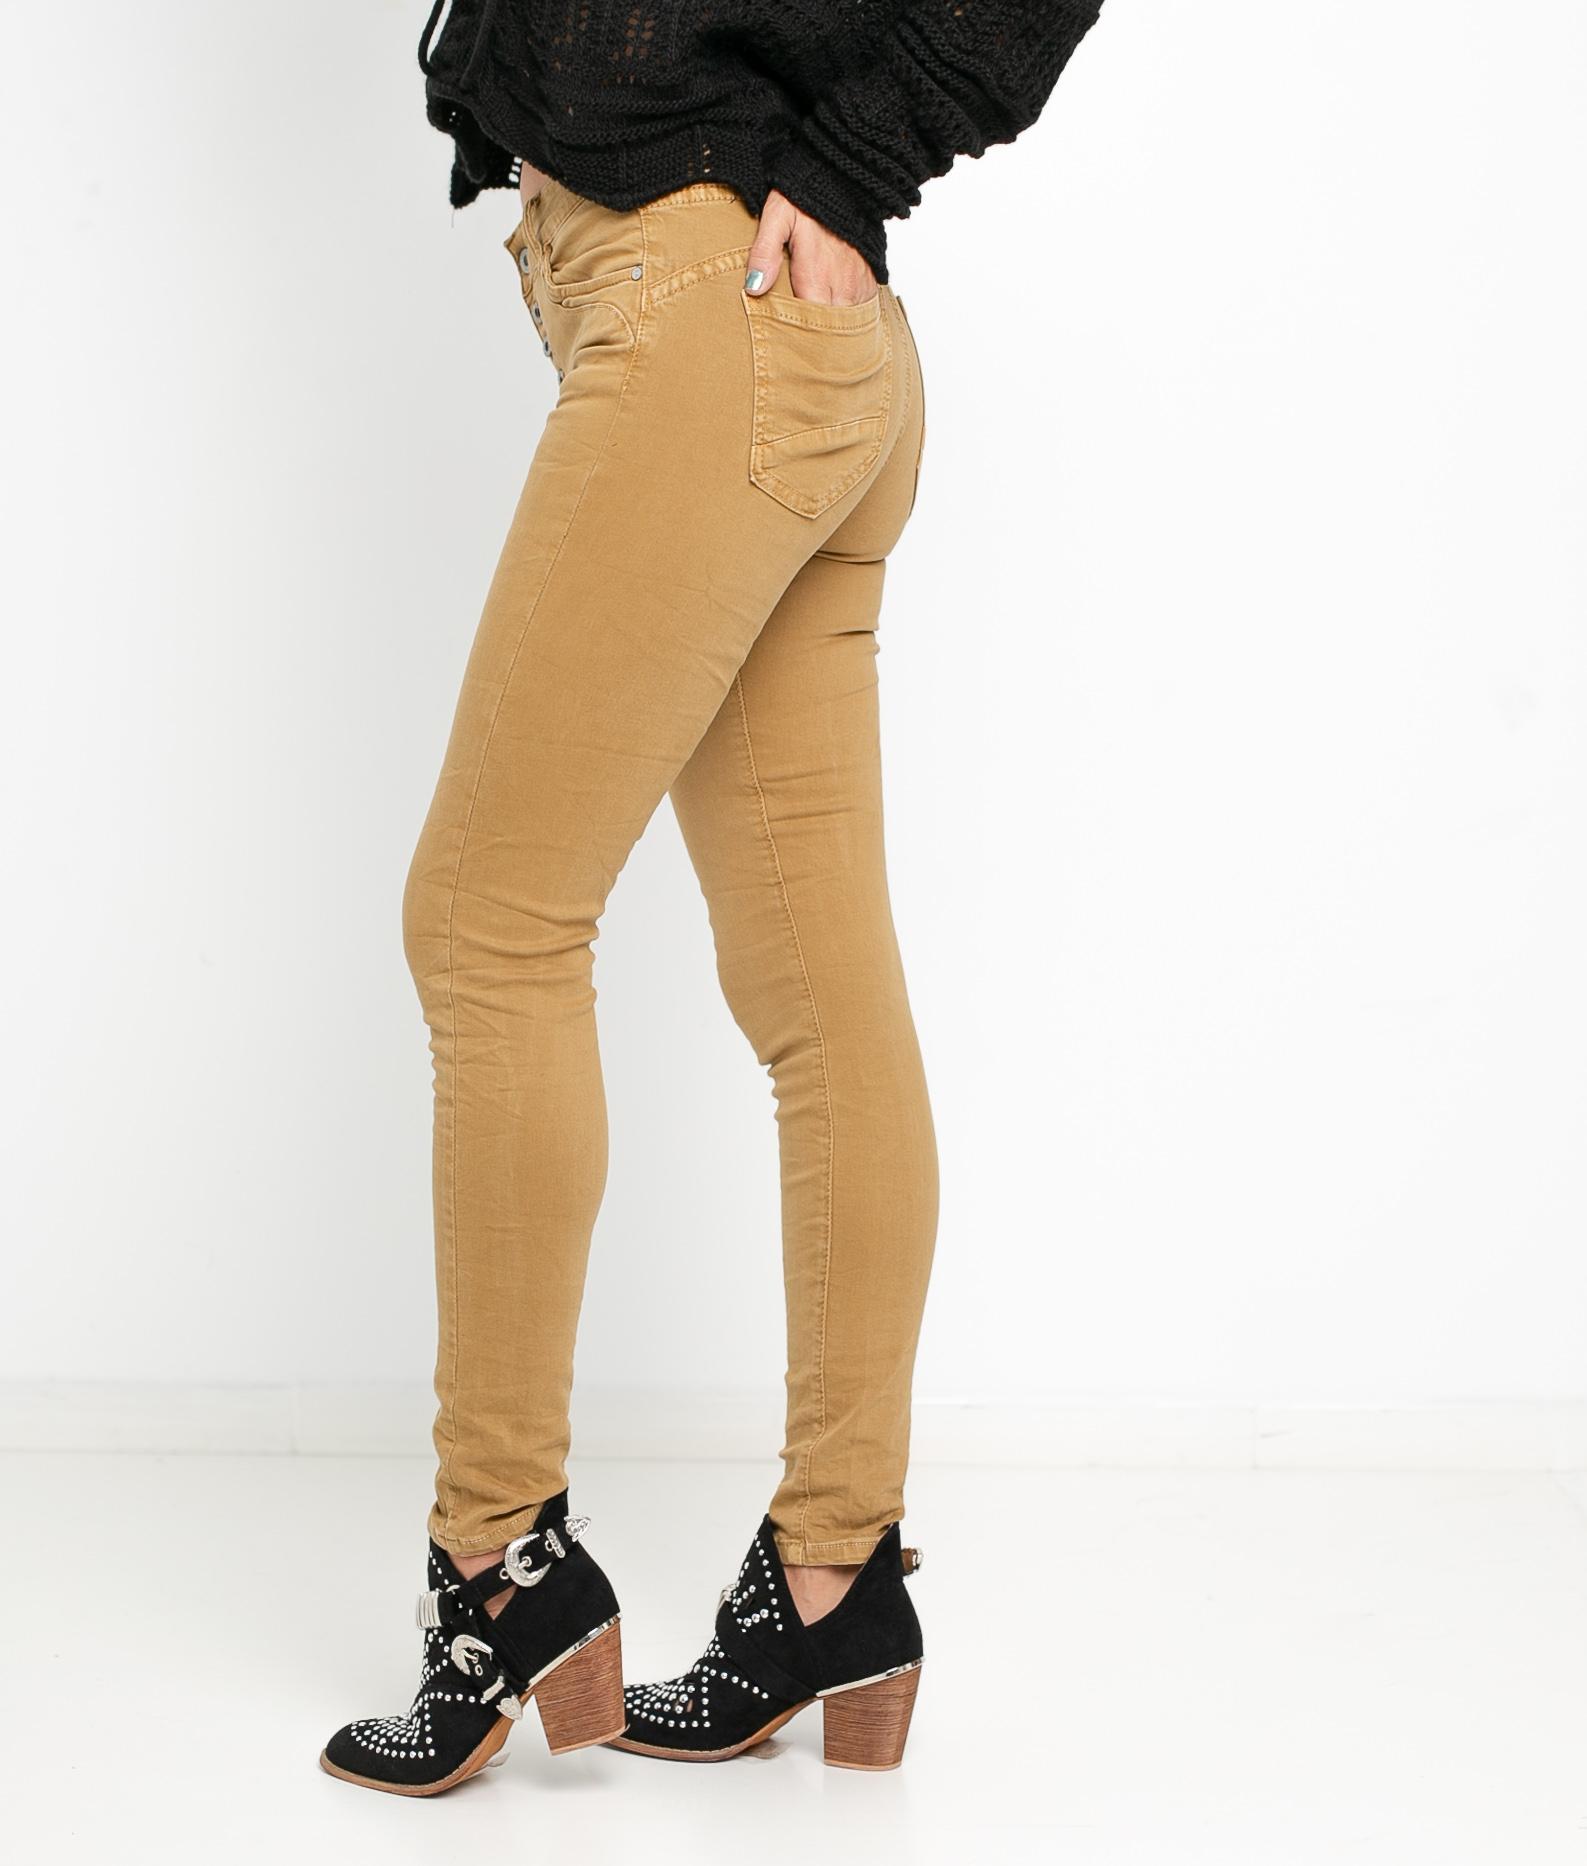 Pantalón Mainer - Camel